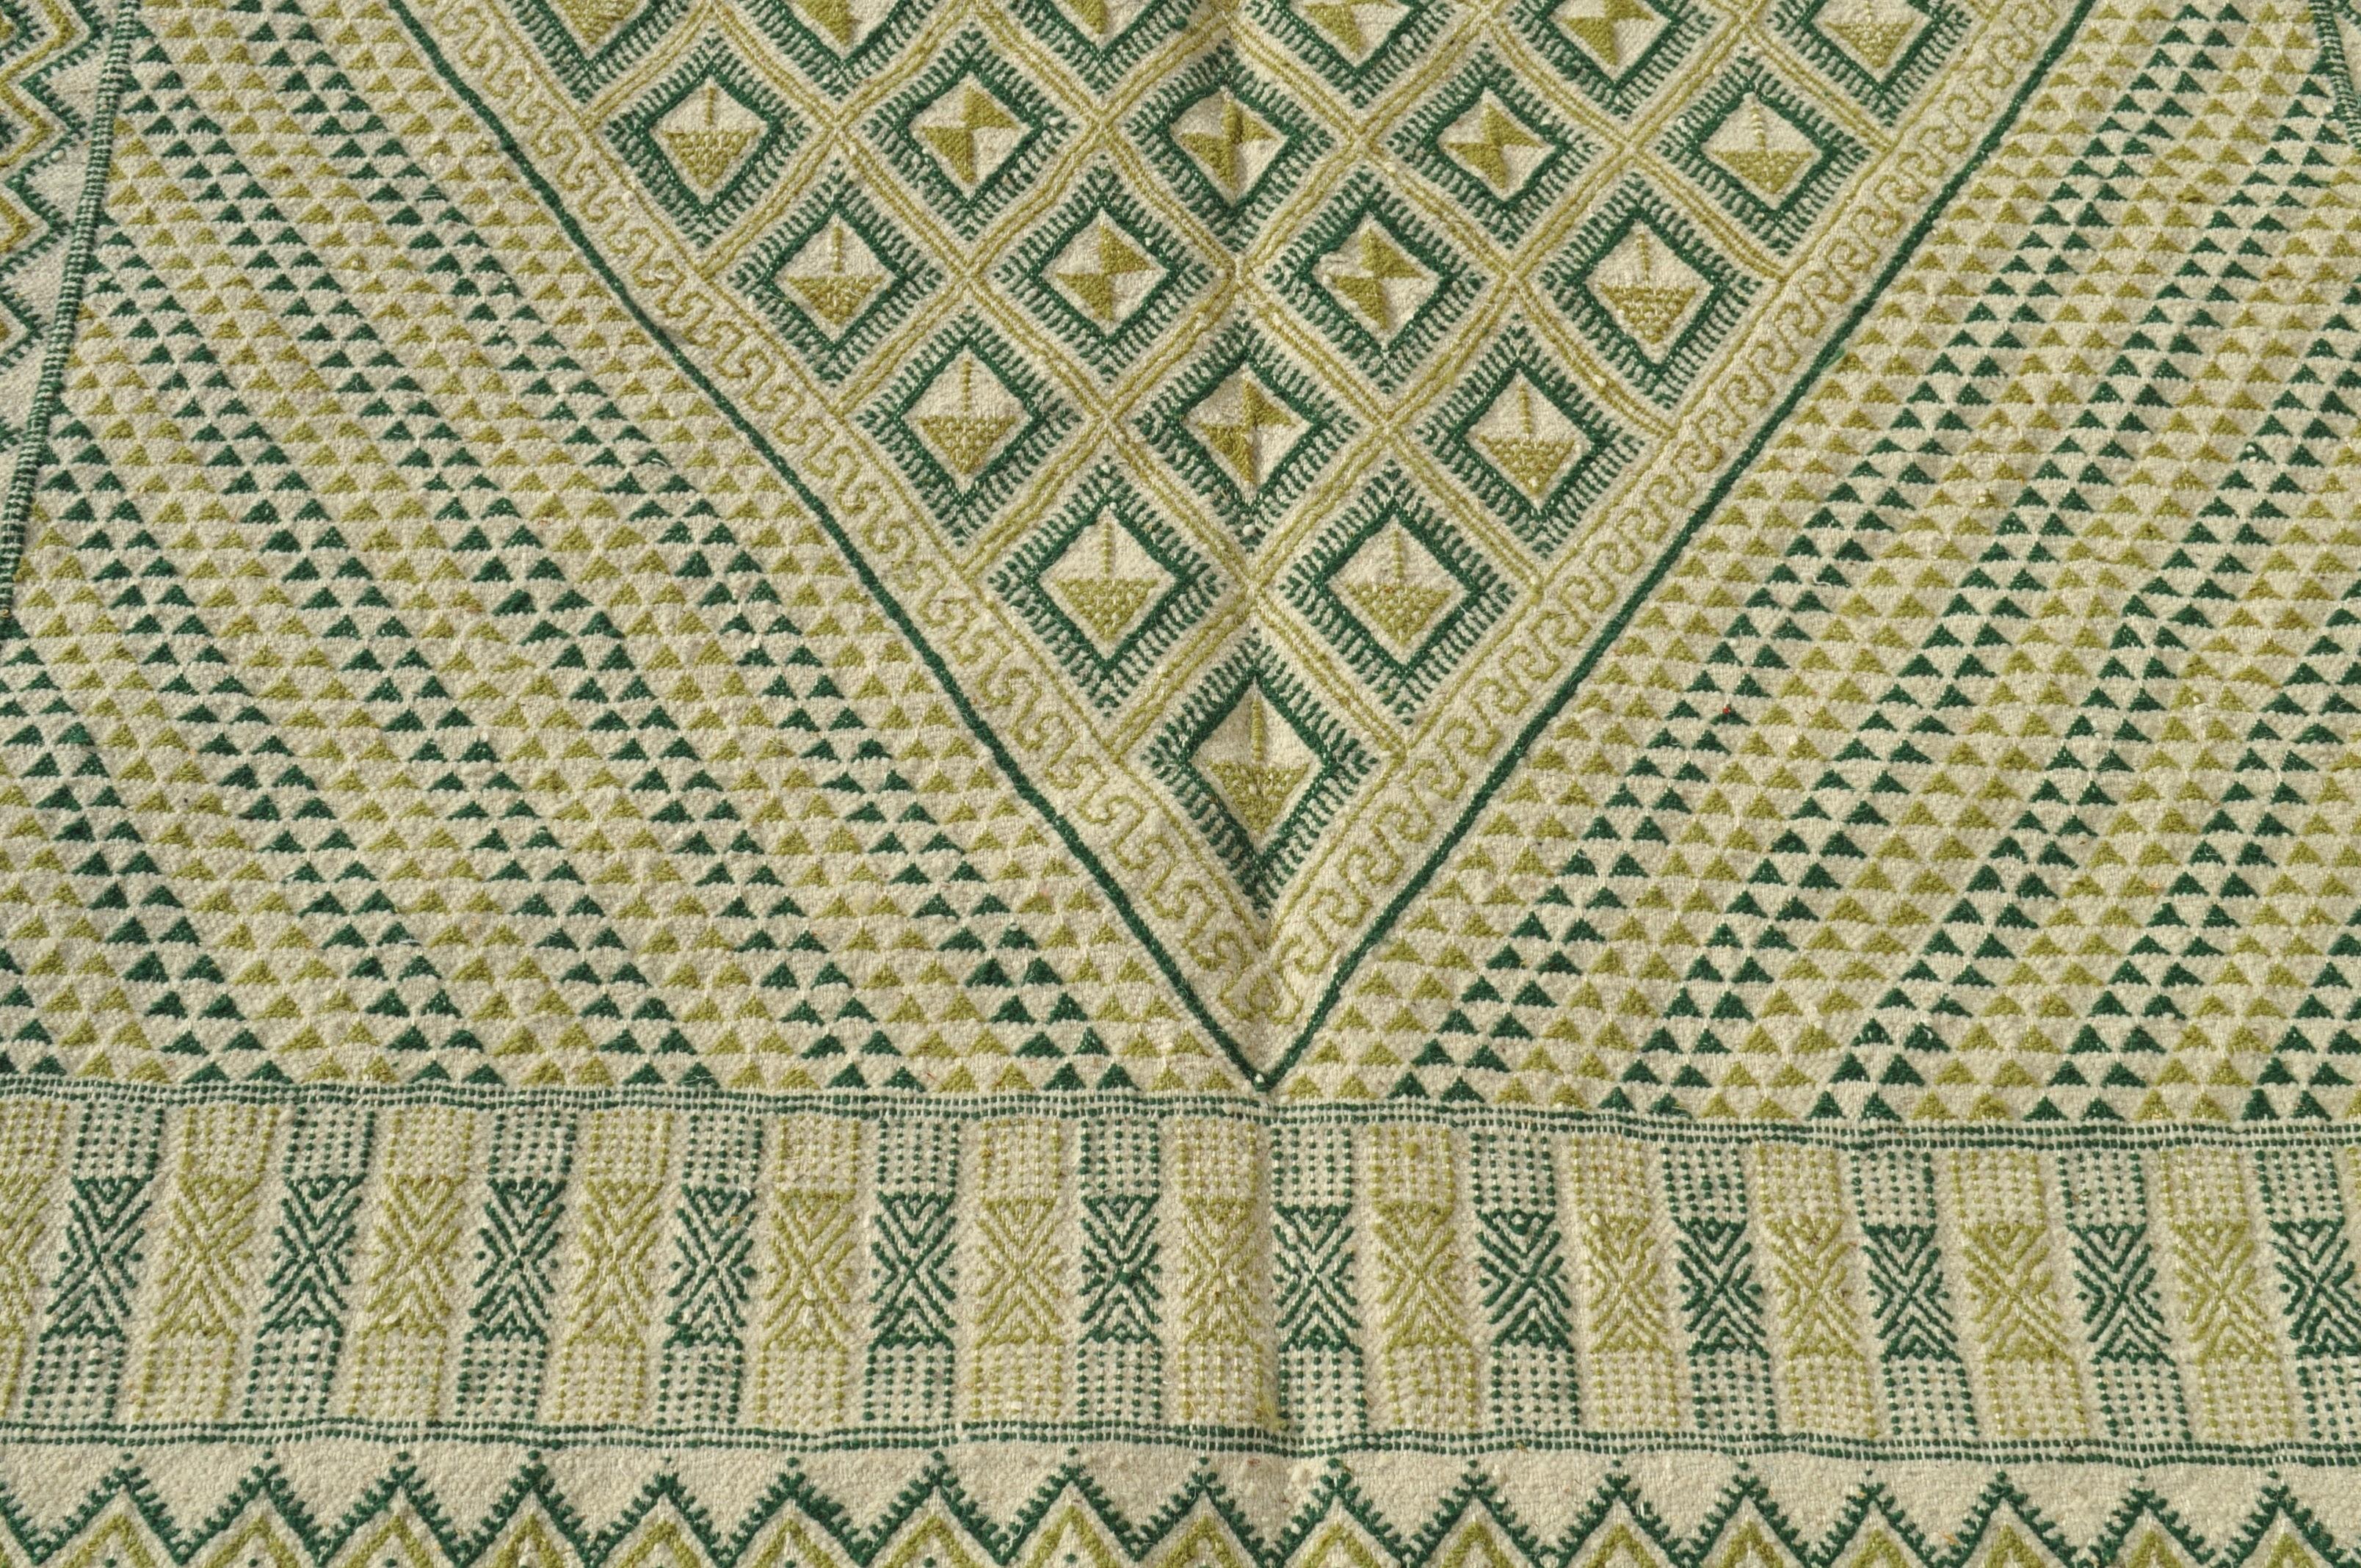 grands tapis tapis kilims et mergoums de tunisie et maroc 200 x 300 cm tapis tapis nebta. Black Bedroom Furniture Sets. Home Design Ideas